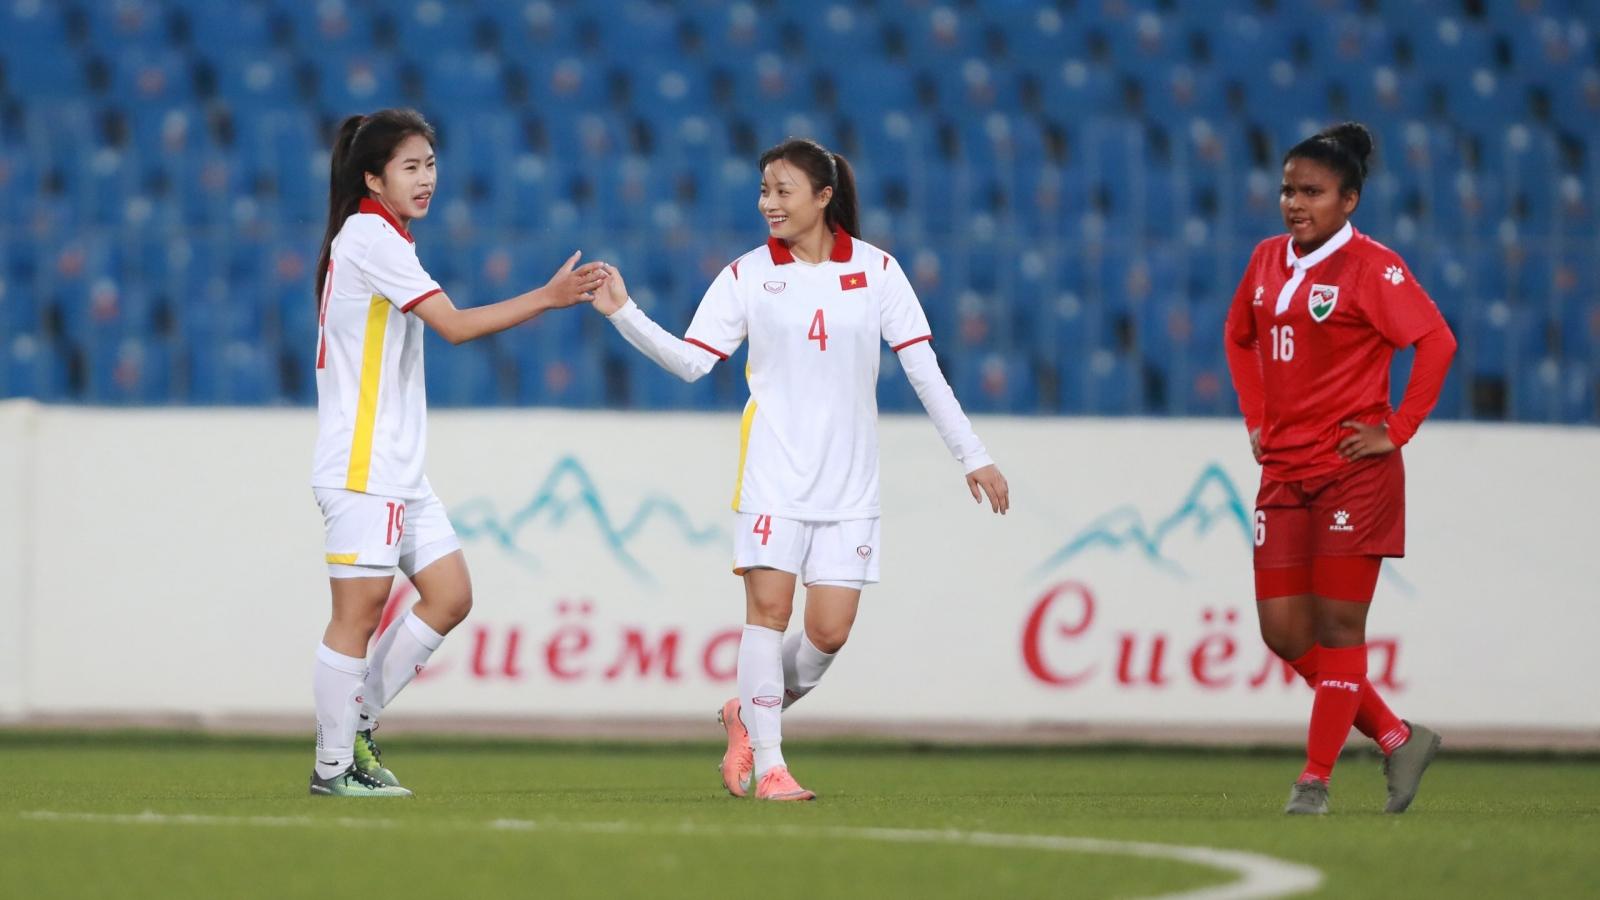 Vòng loại Asian Cup nữ 2022: ĐT Việt Nam thắng 16-0 trước ĐT Maldives